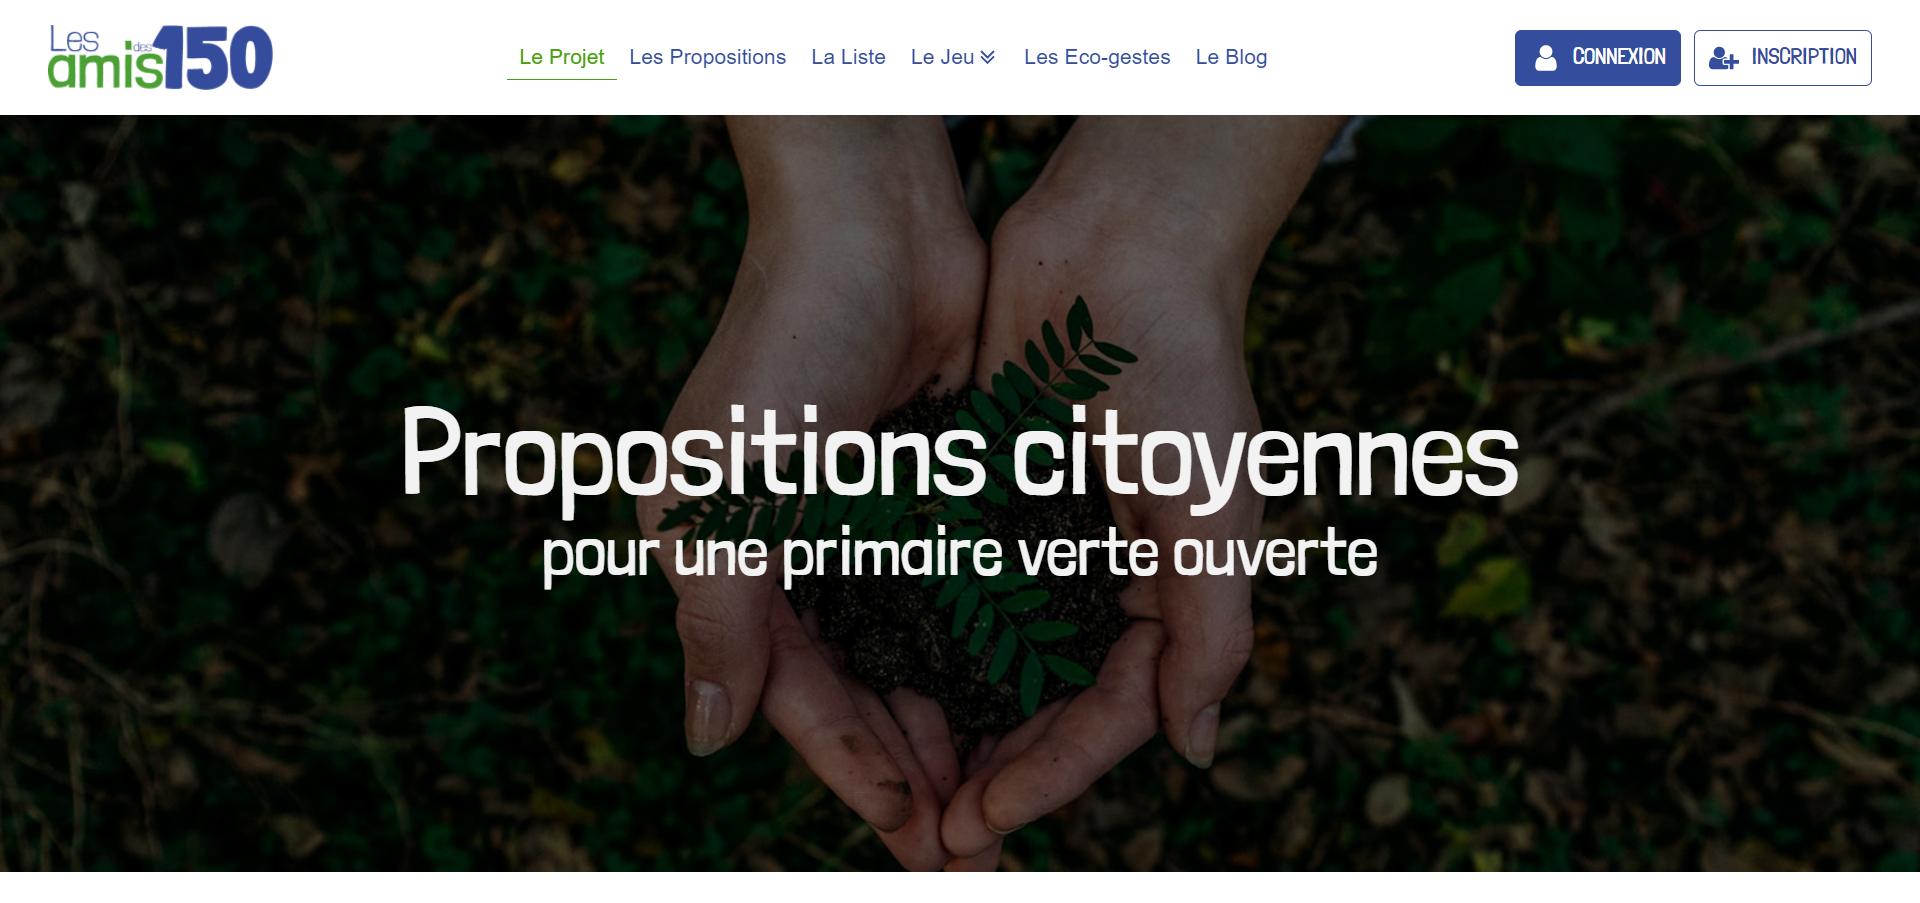 Les amis des 150 propositions citoyennes pour une primaire de l écologie 2021 ouverte